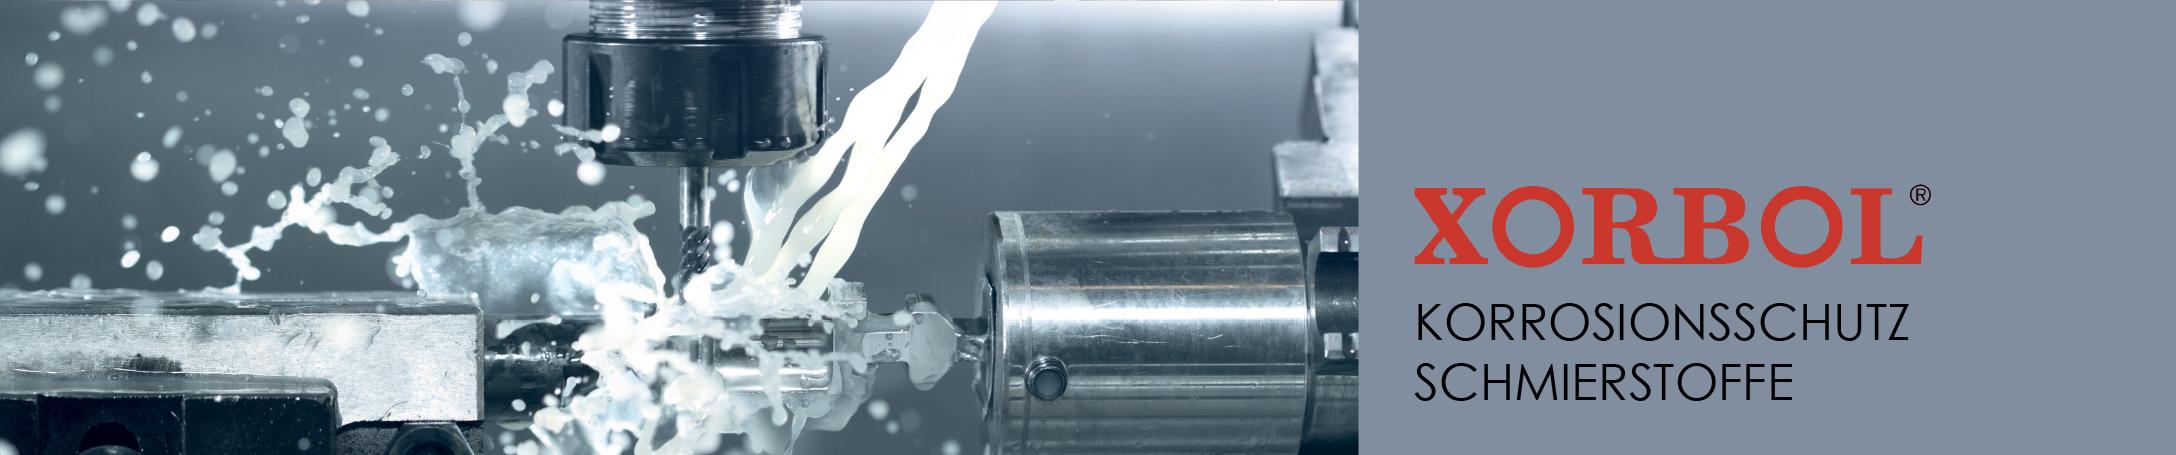 Katalog-Hilbert-korrosionsschutz-schmierstoffe